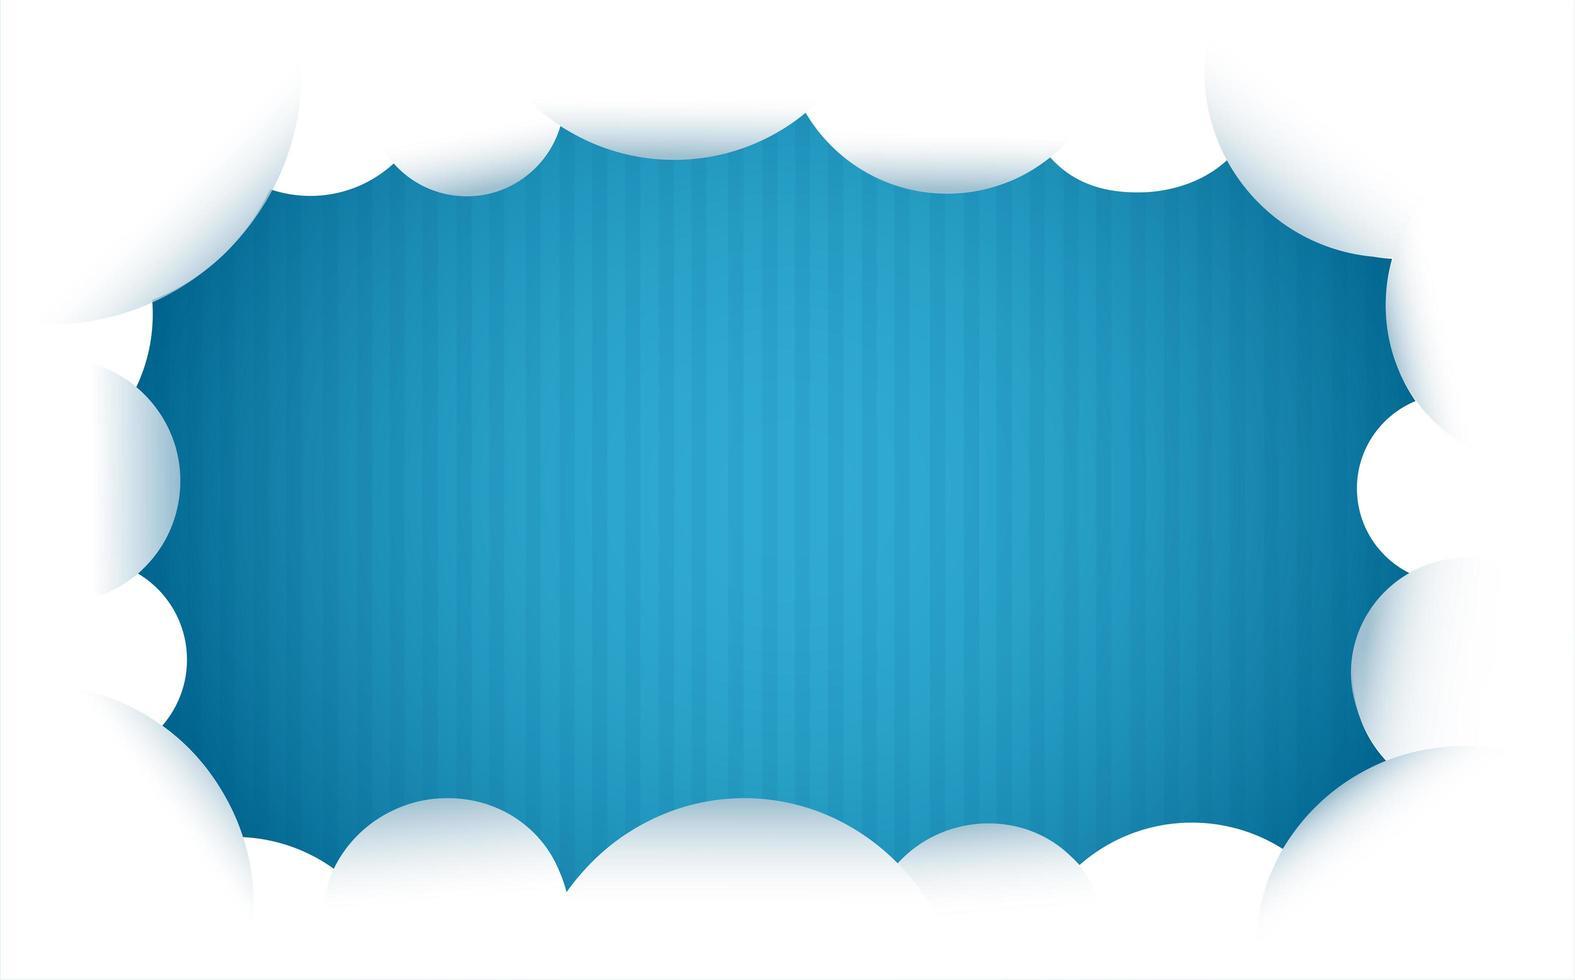 cadre de nuage sur fond rayé bleu vecteur